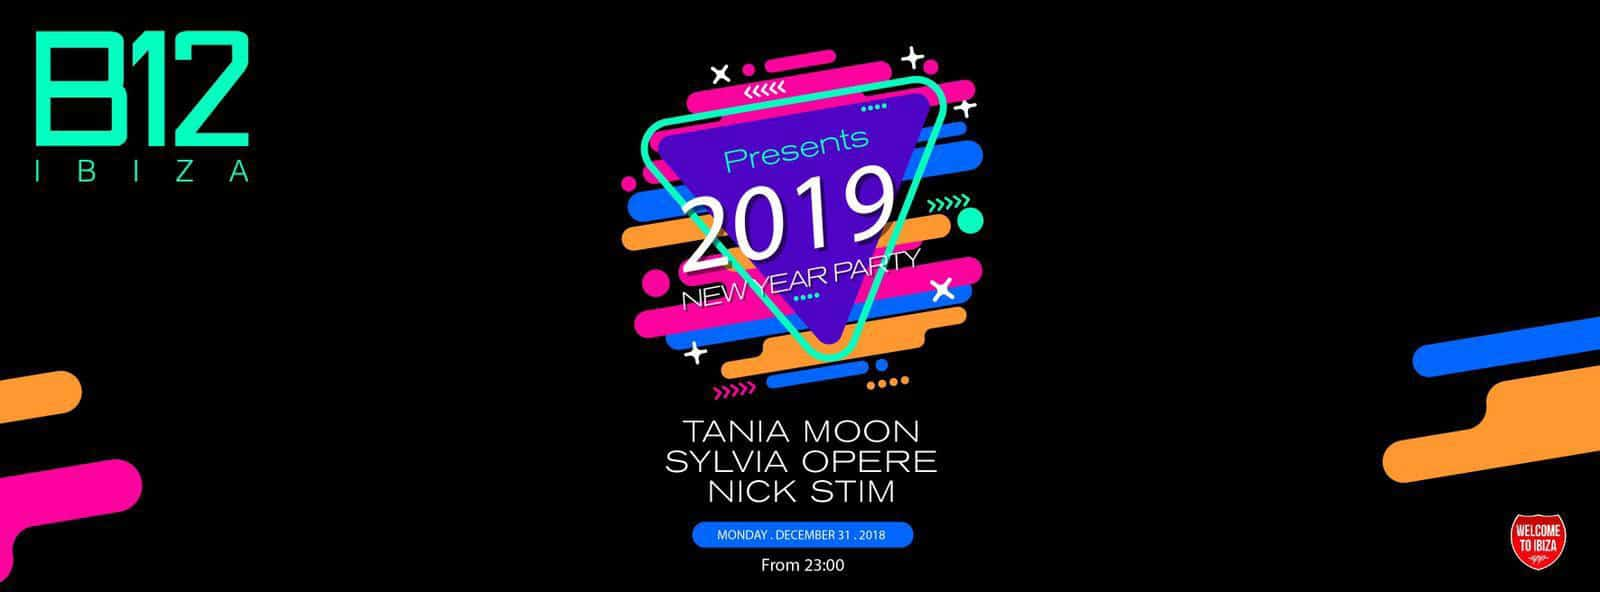 nuovo-anno-party-party-de-nochevieja-b12-ibiza-welcometoibiza